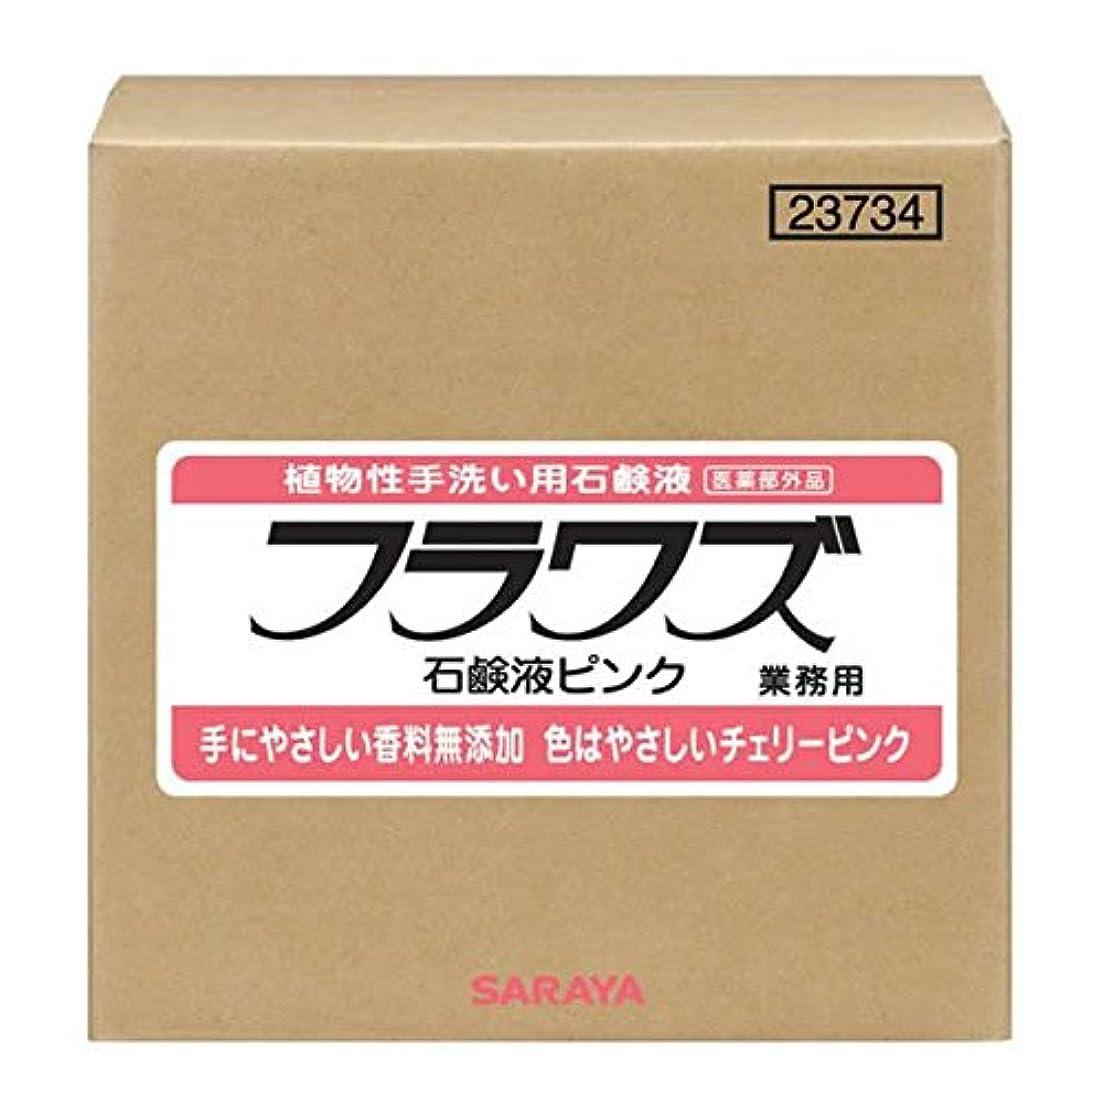 肉確かに影響力のあるサラヤ フラワズ石鹸液ピンク 20kg BIB 1箱